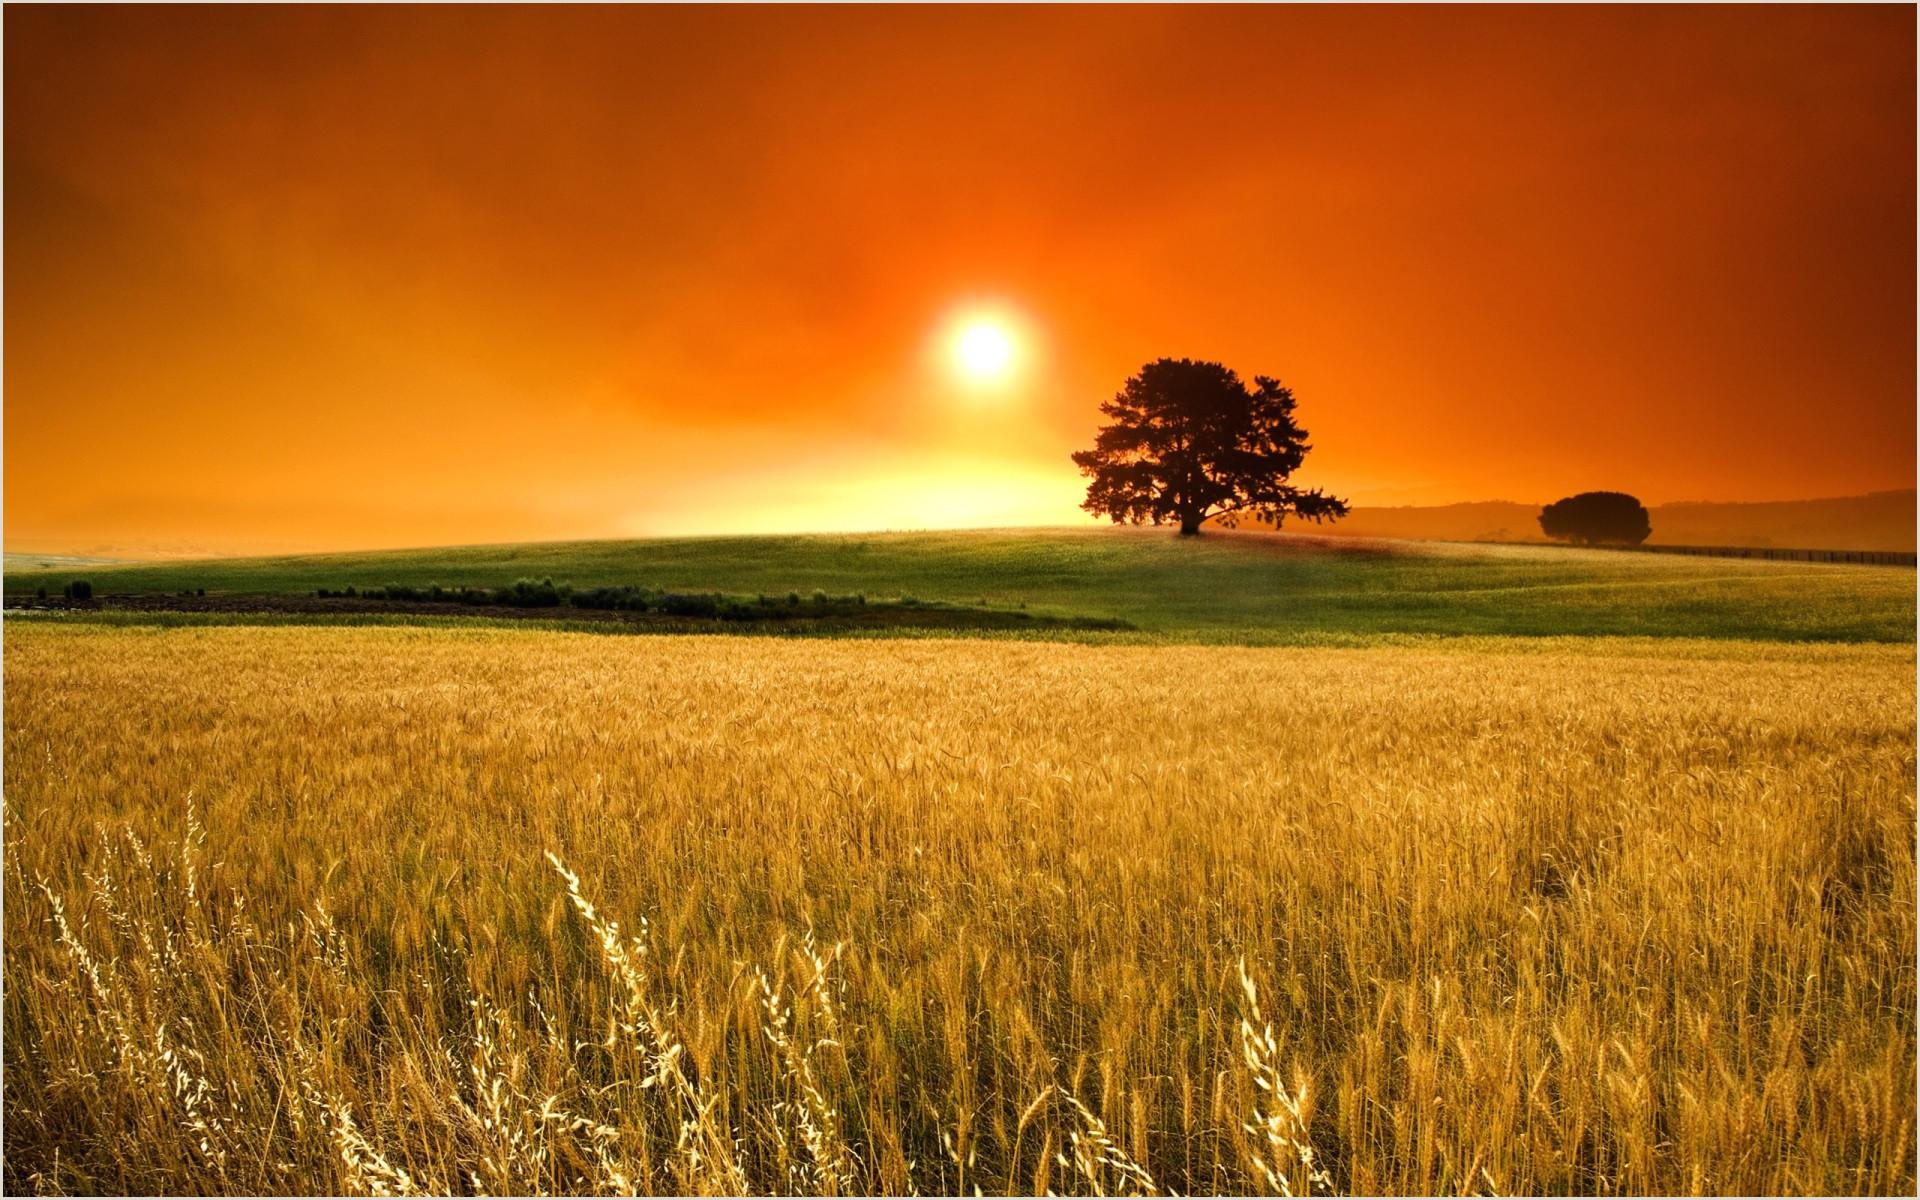 sunset full screen wallpaper hd Nature wa